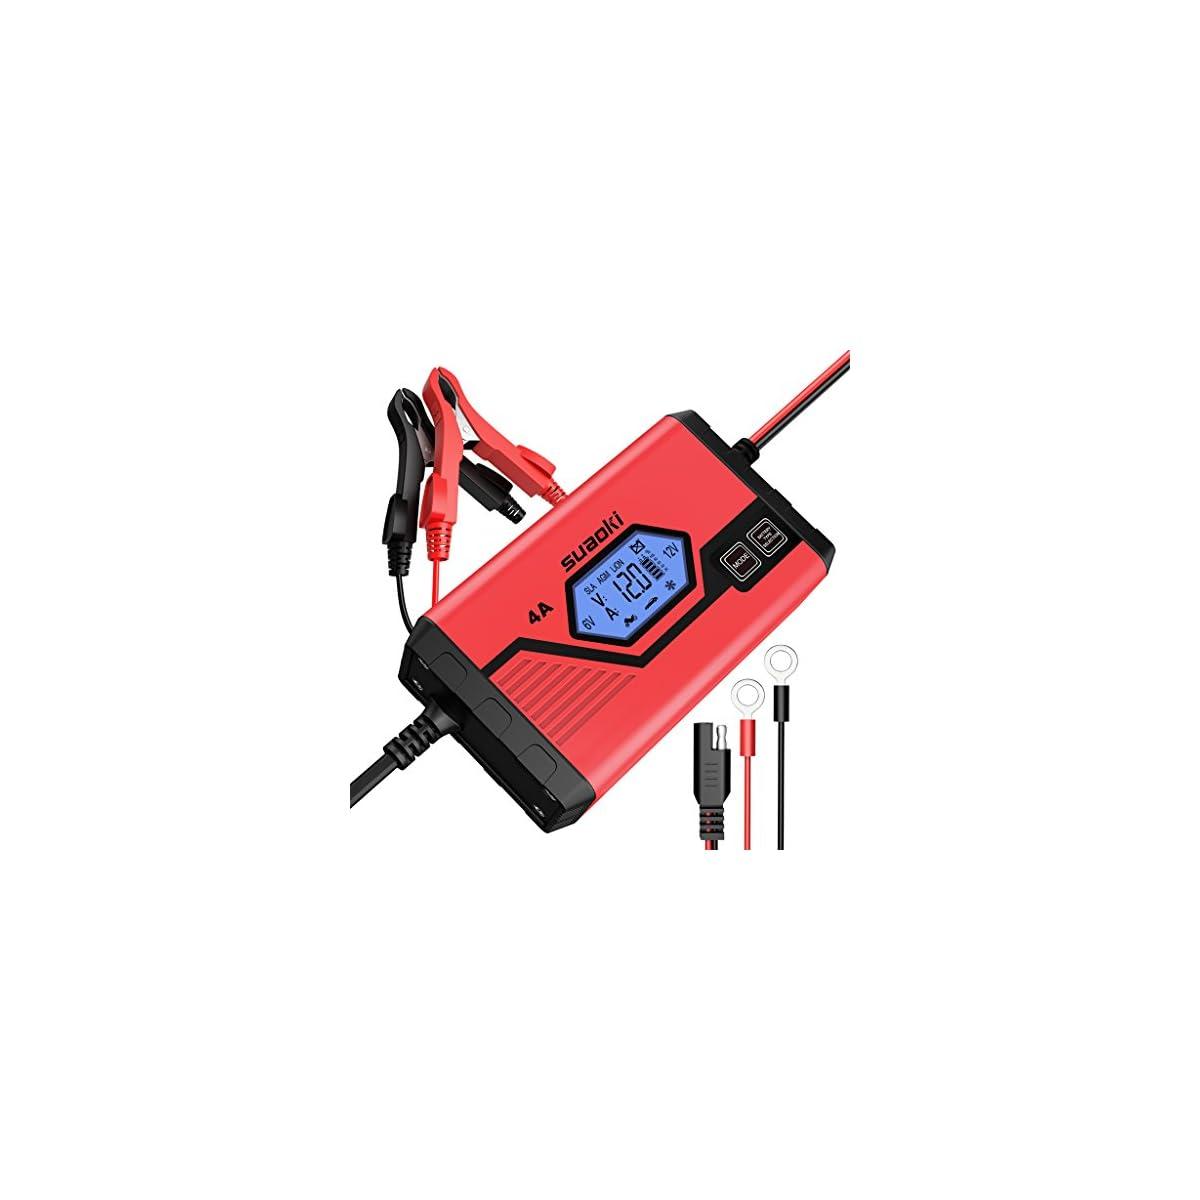 51D6QZPbwyL. SS1200  - SUAOKI - Cargador de Baterias Coche, Moto, 4A, 6/12V, Mantenimiento Automático e Inteligente, 8 Cargas Etapas Identificación, Carga Segmentada con Múltiples Protecciones Para Coche, Camión, Moto